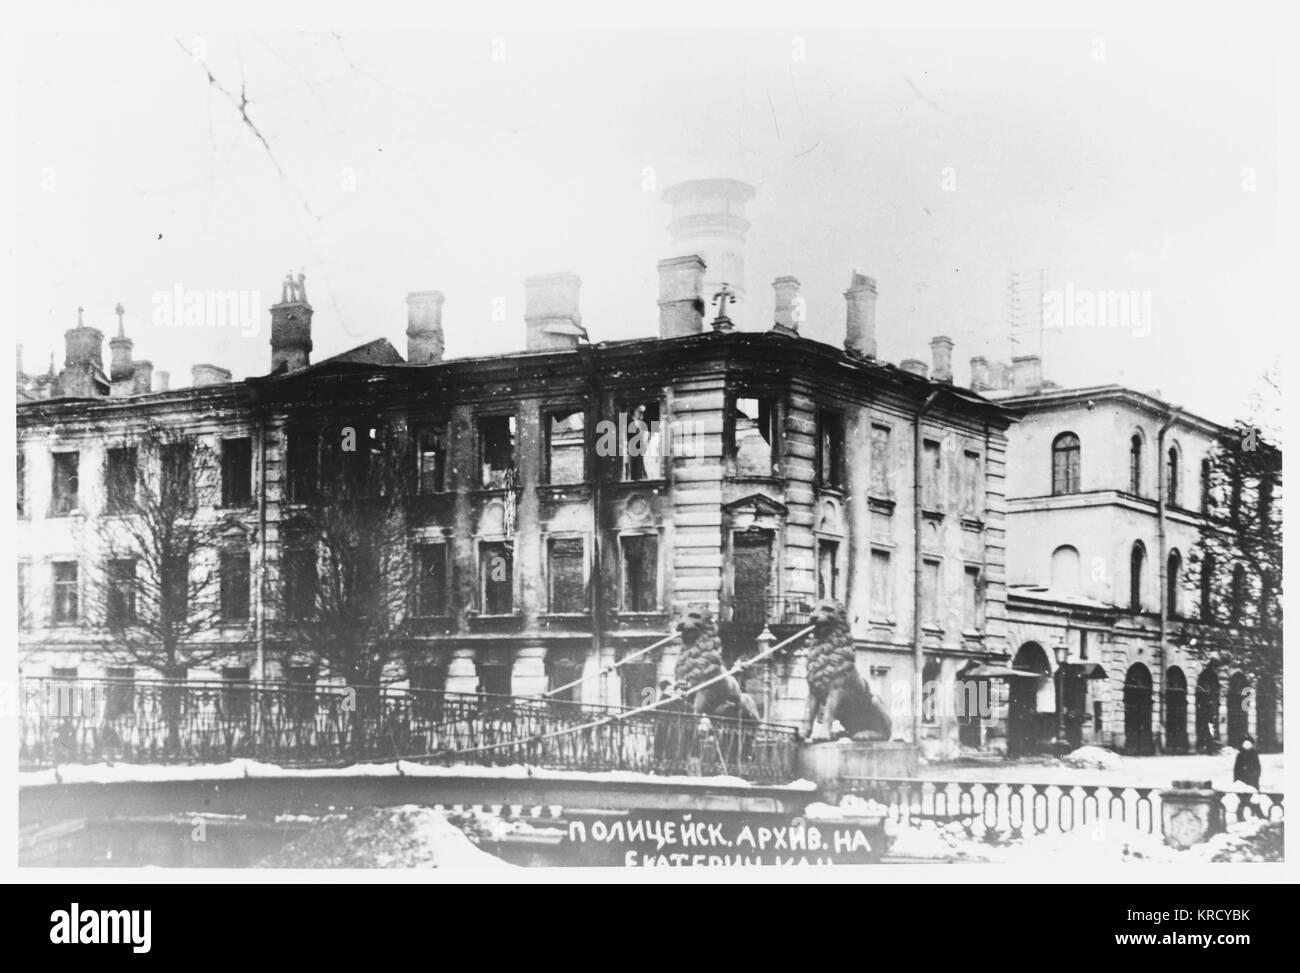 La Police Archive à Petrograd est pris d'assaut par des insurgés qui détruisent les dossiers Photo Stock